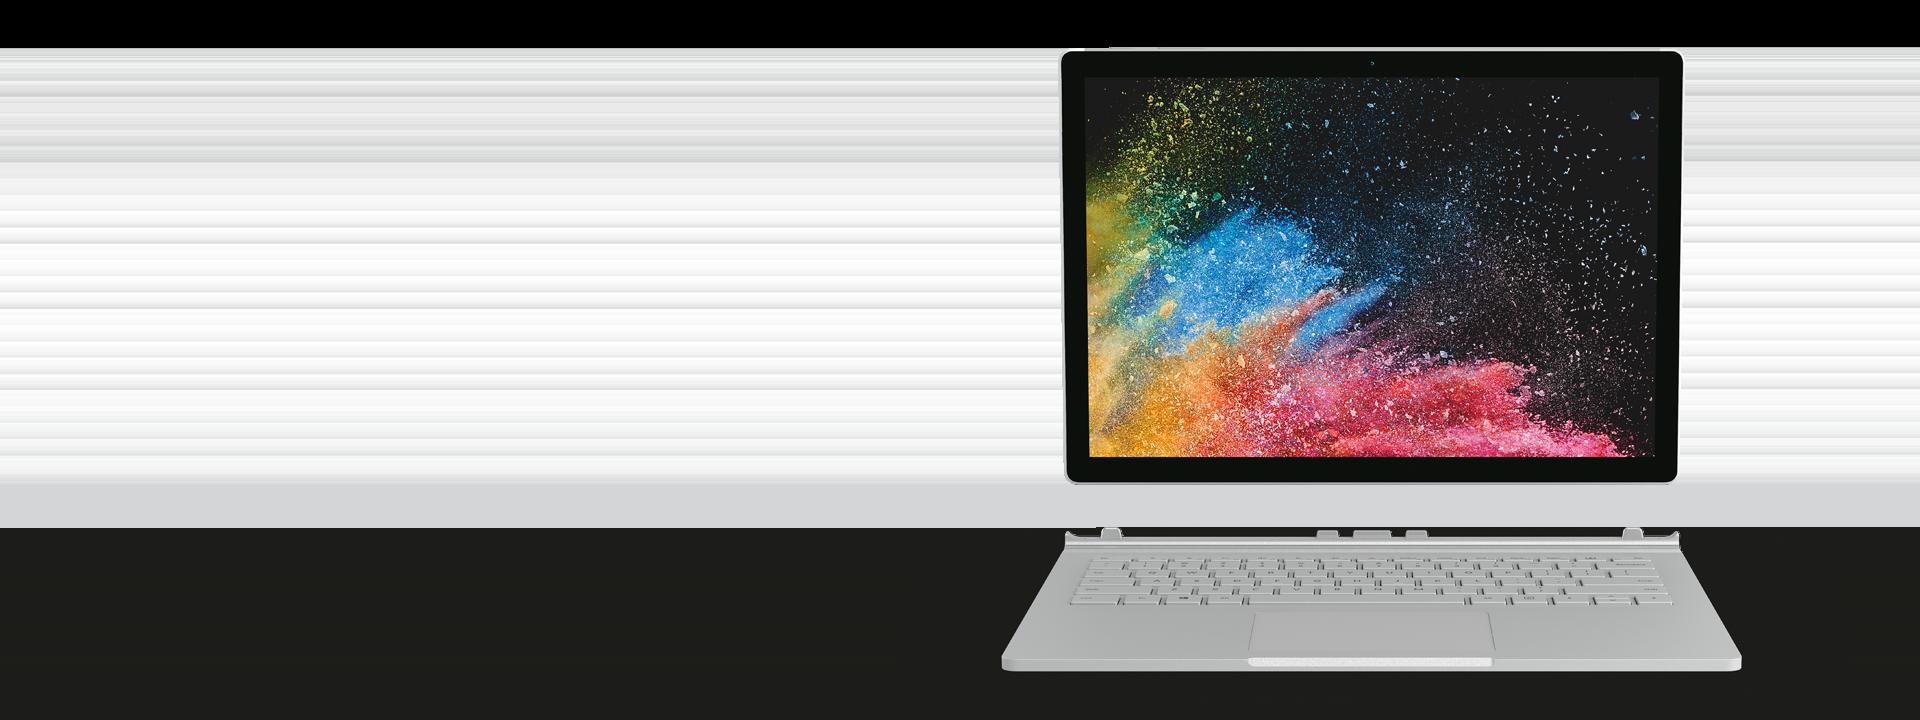 Surface Book 2 mit 13,5-Zoll-PixelSense™-Bildschirm